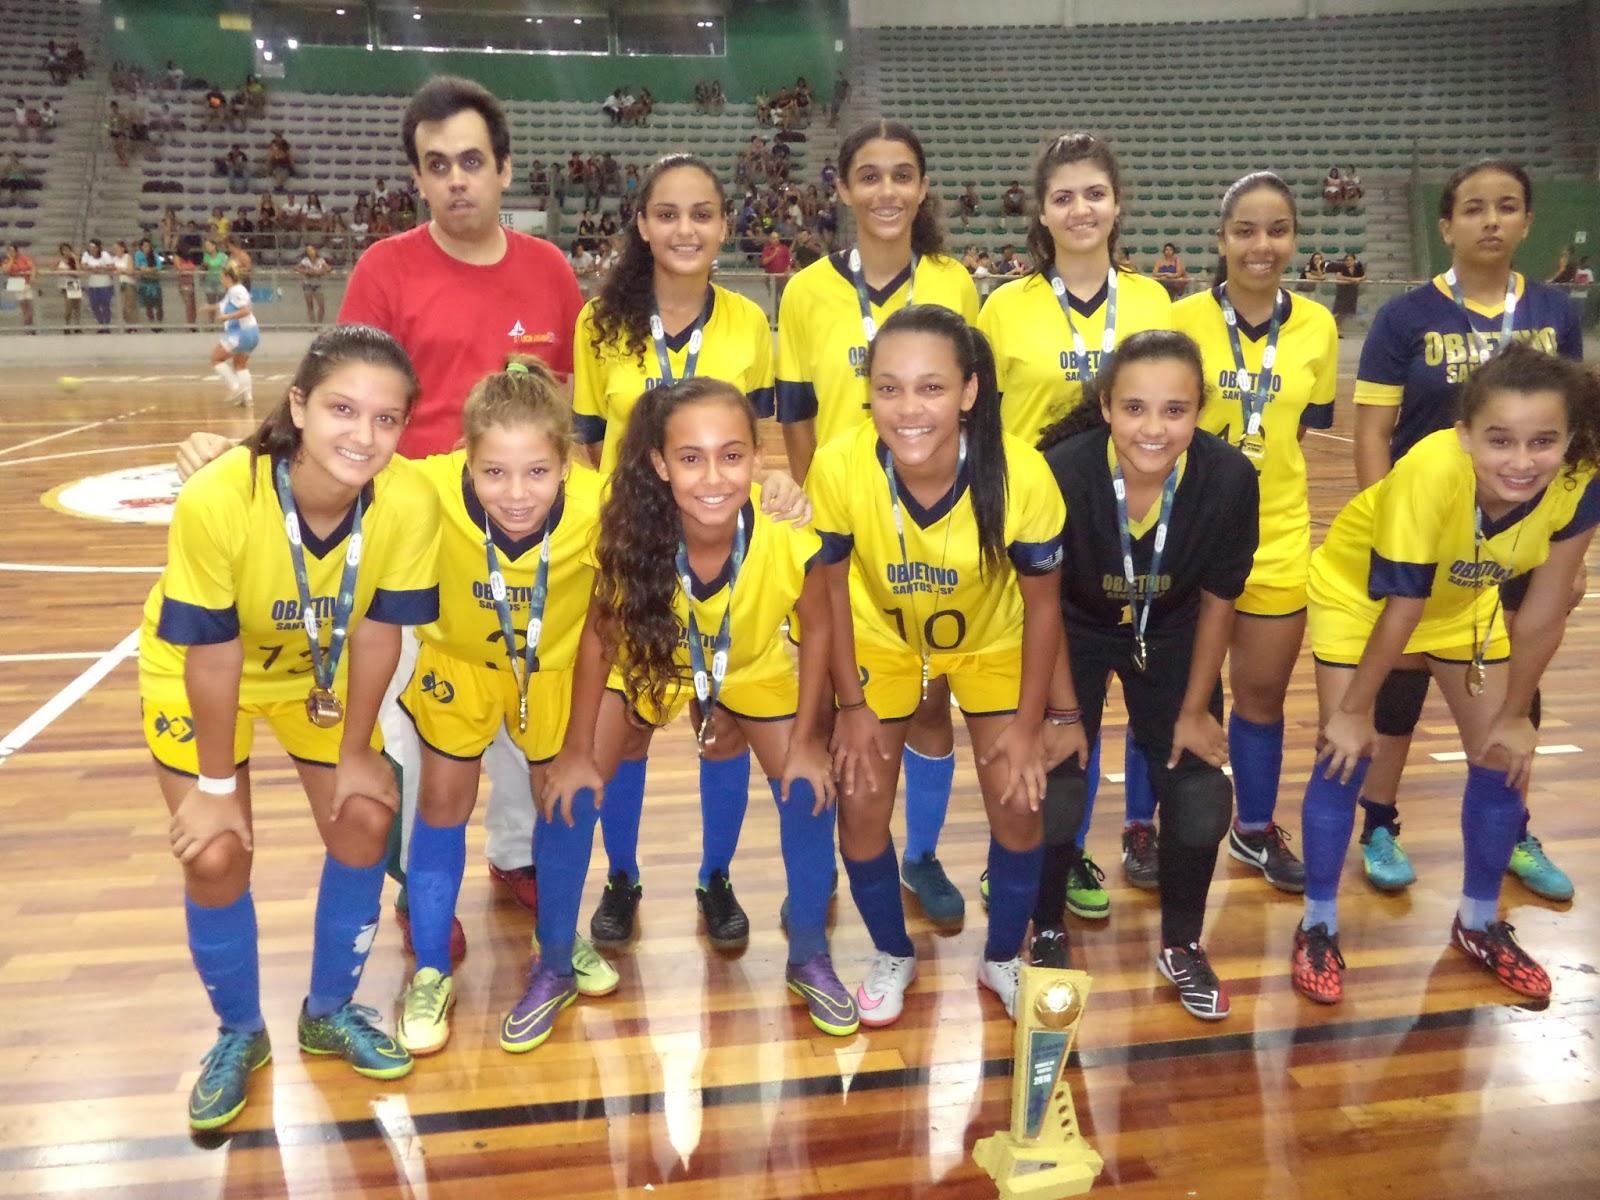 b5c587f8dcd8b A equipe de futsal feminino sub 17 do Colégio Objetivo Santos vai em busca  do bicampeonato da Copa Aberta Cidade de Santos de Futsal que terá início  no ...